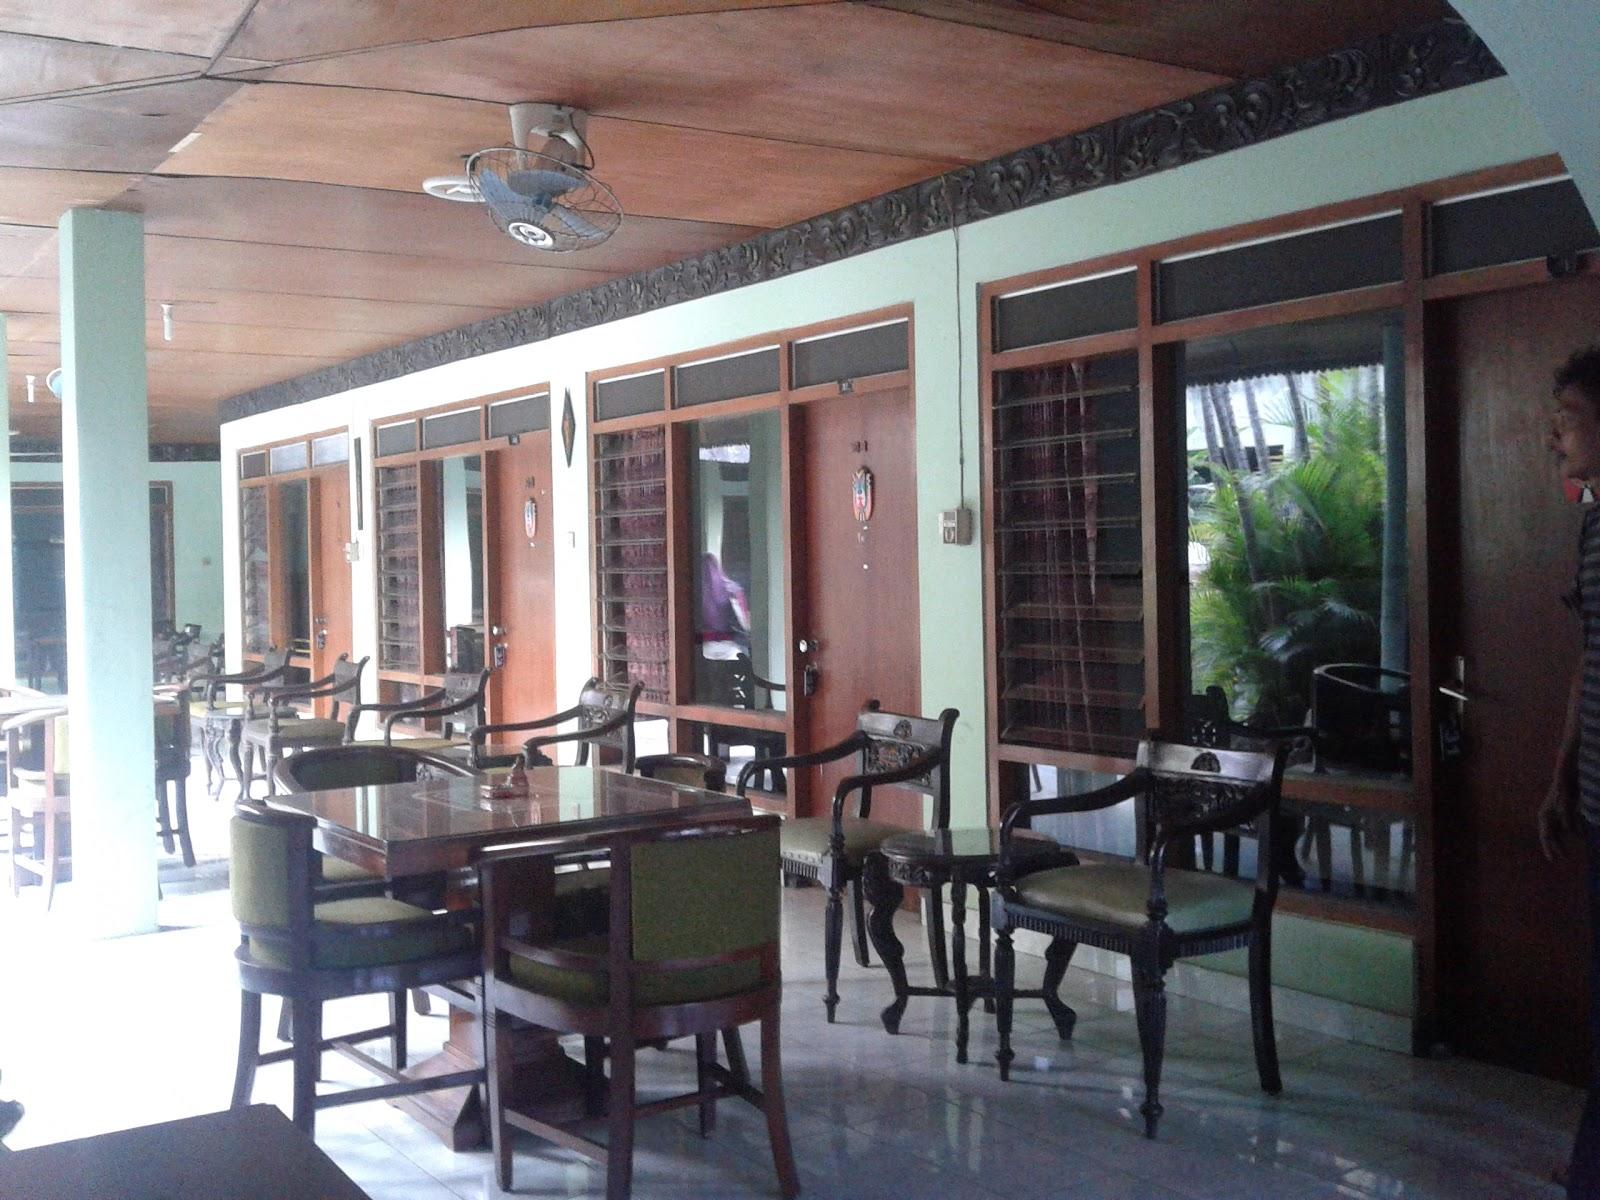 Hotel Murah Di Jogja Yogyakarta Dibawah 100rb